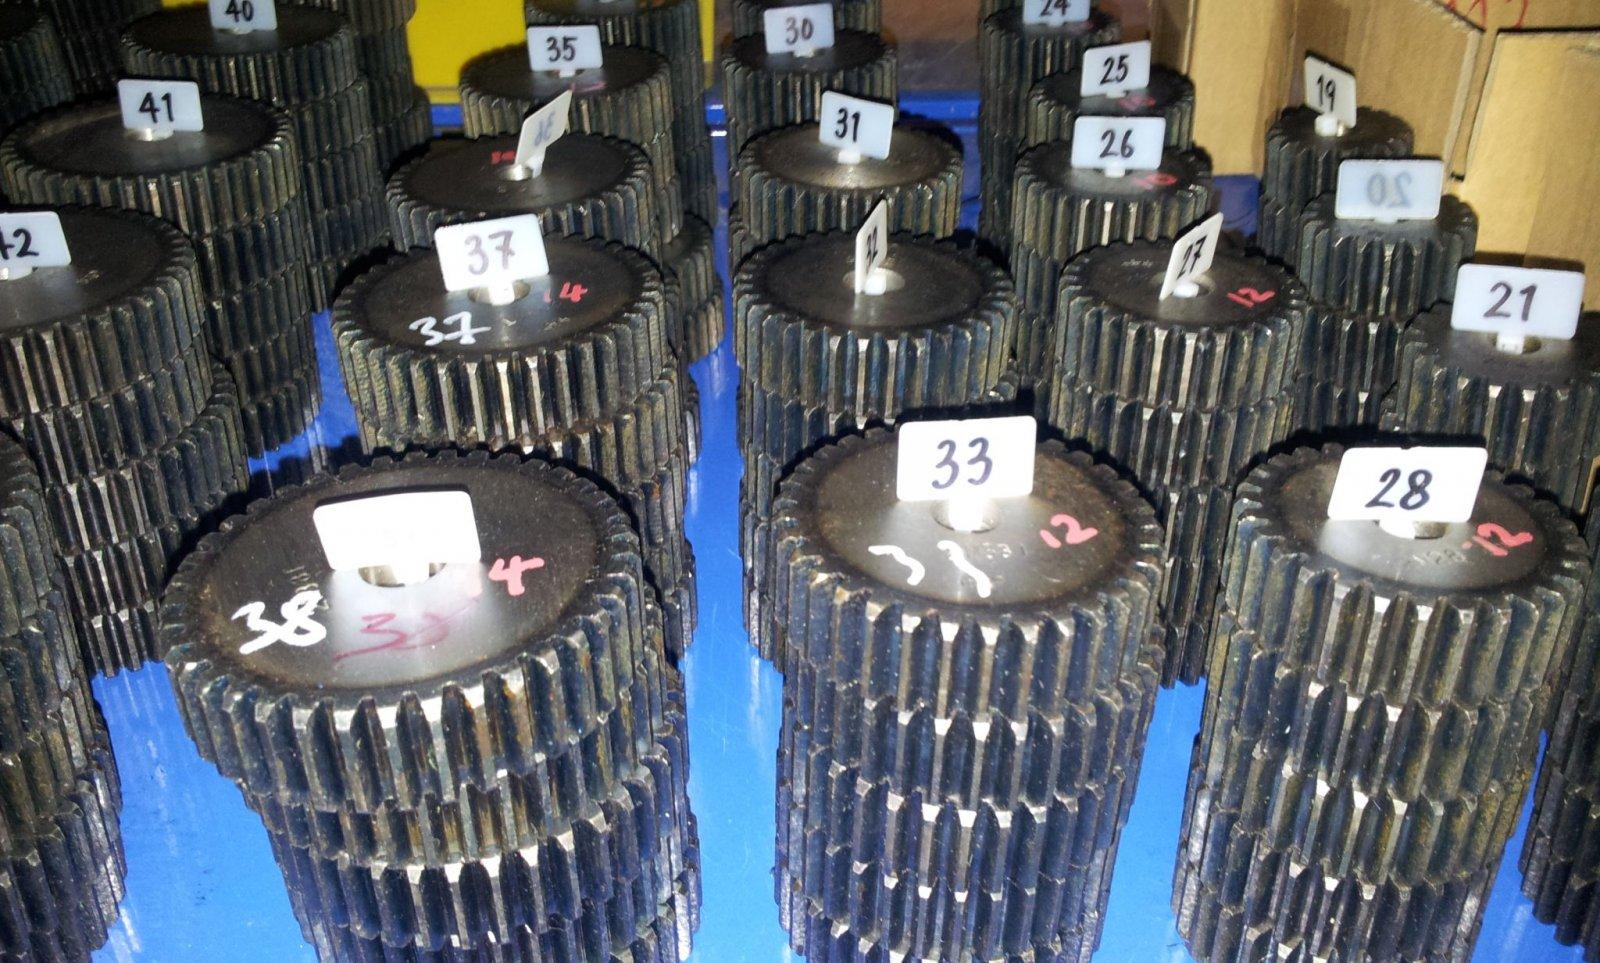 Material C45 ETZR-M1,5-17 Zahnrad Zähnezahl 17 Mold1,5 Modul1,5